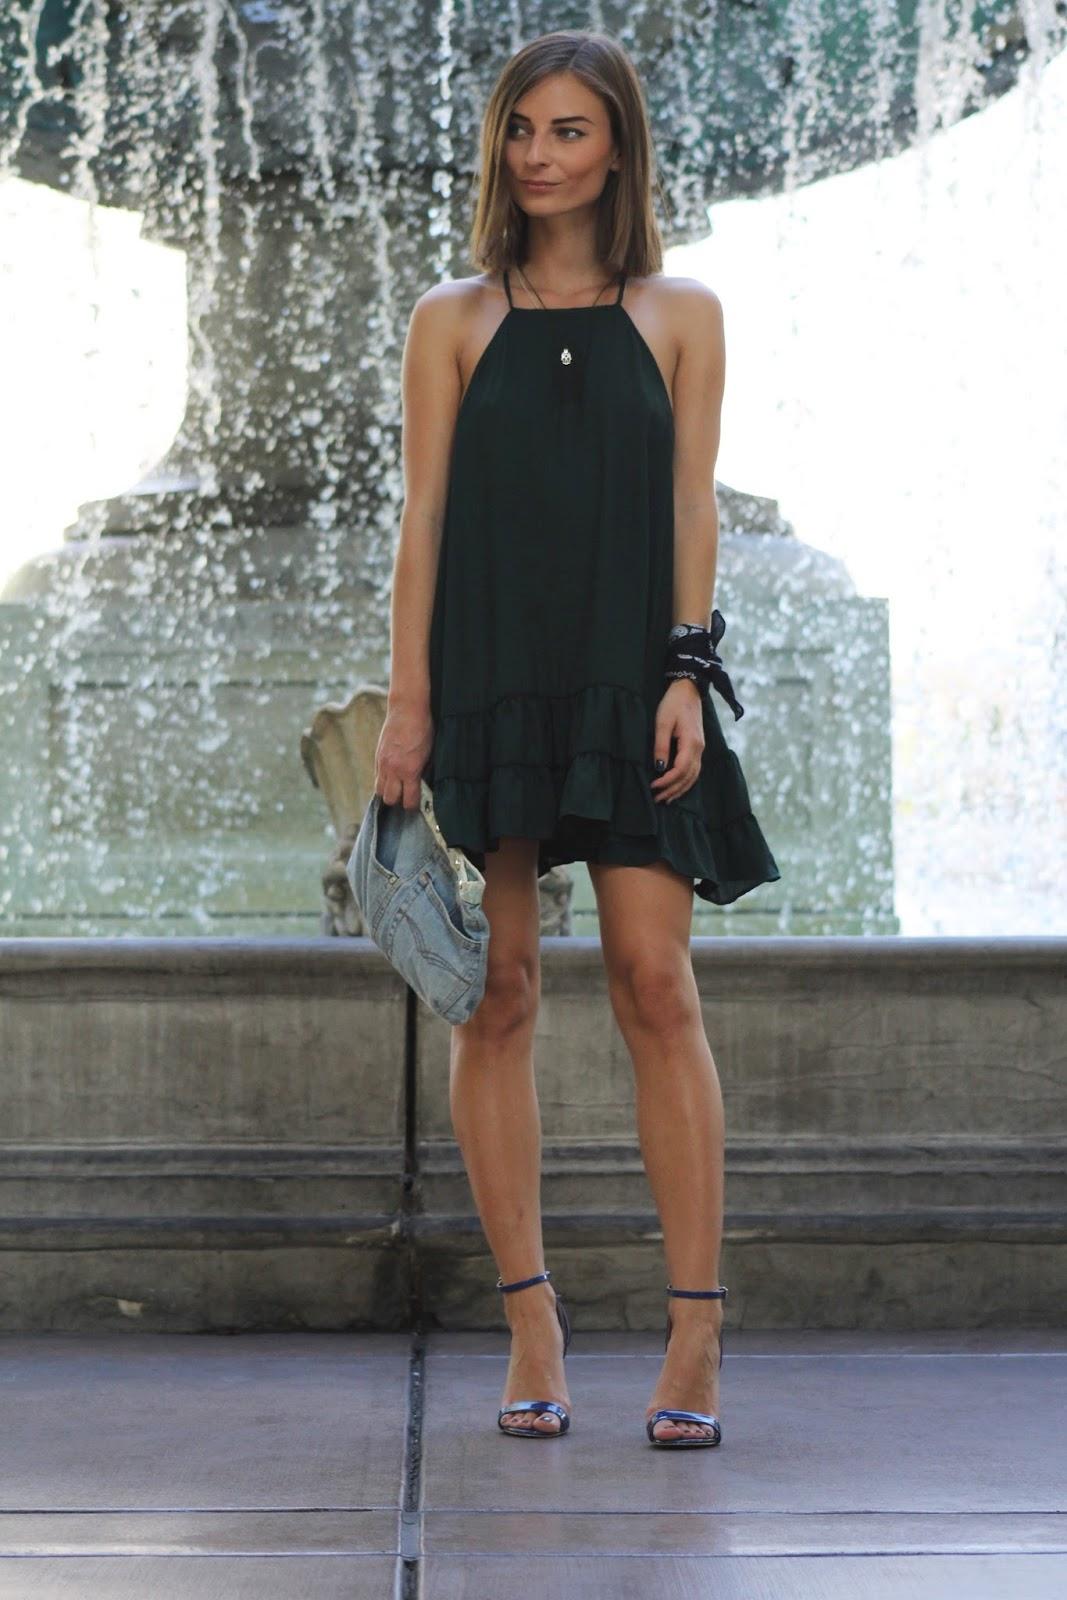 WEARING A GREEN DRESS IN LAS VEGAS | What Vero Wears